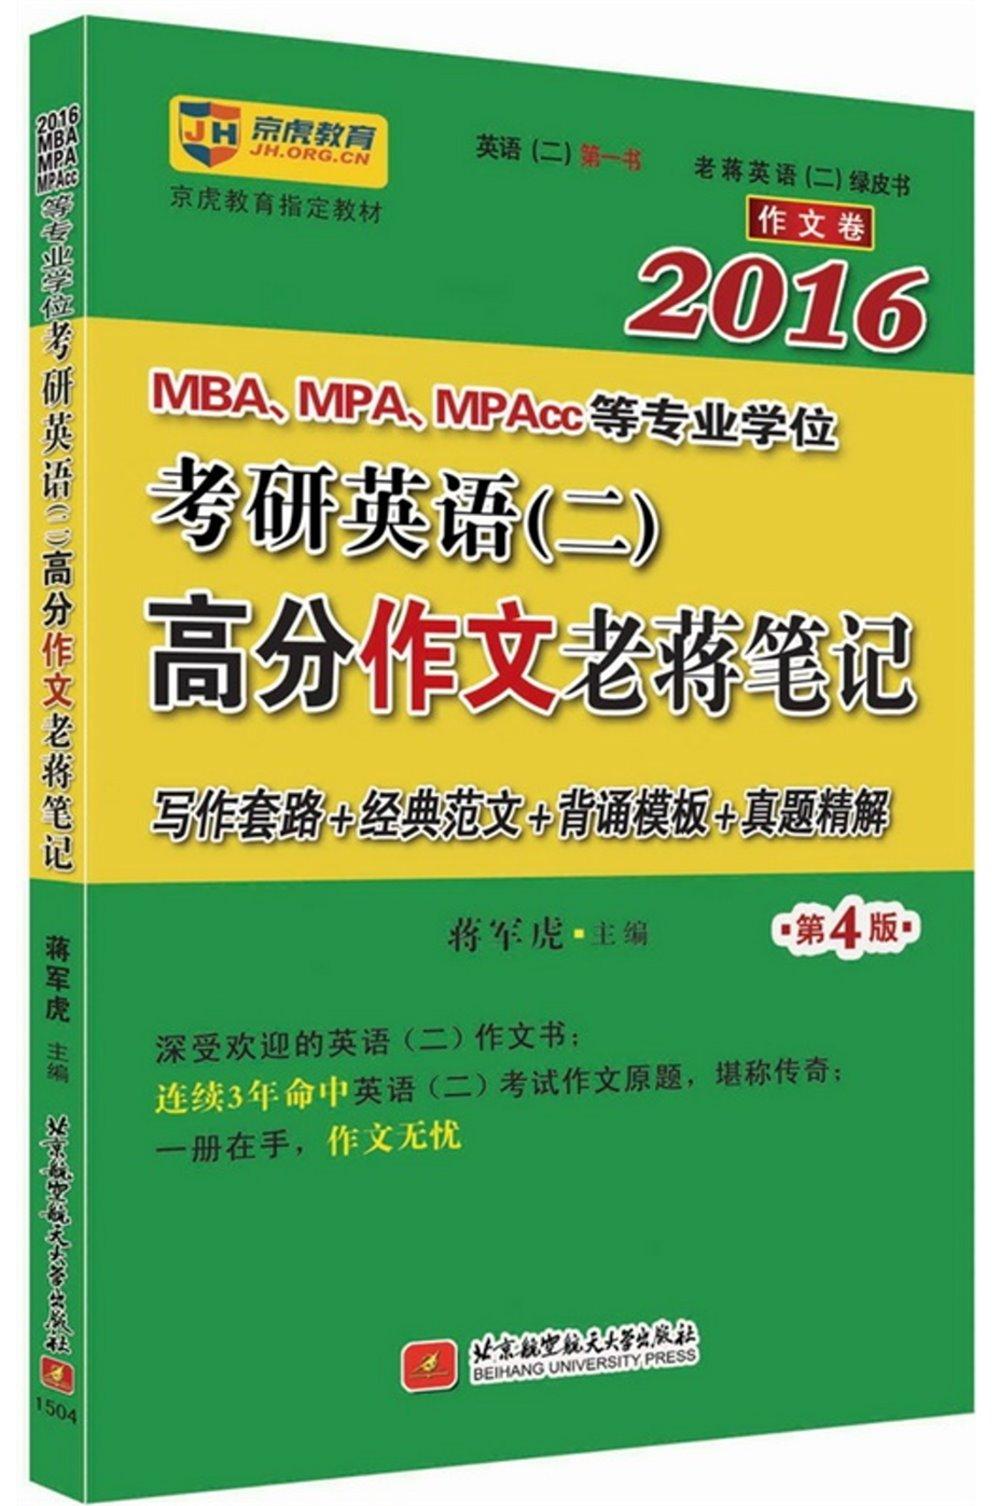 2016MBA、MPA、MPAcc等 學位考研英語^(二^)高分作文老蔣筆記^(第4版^)